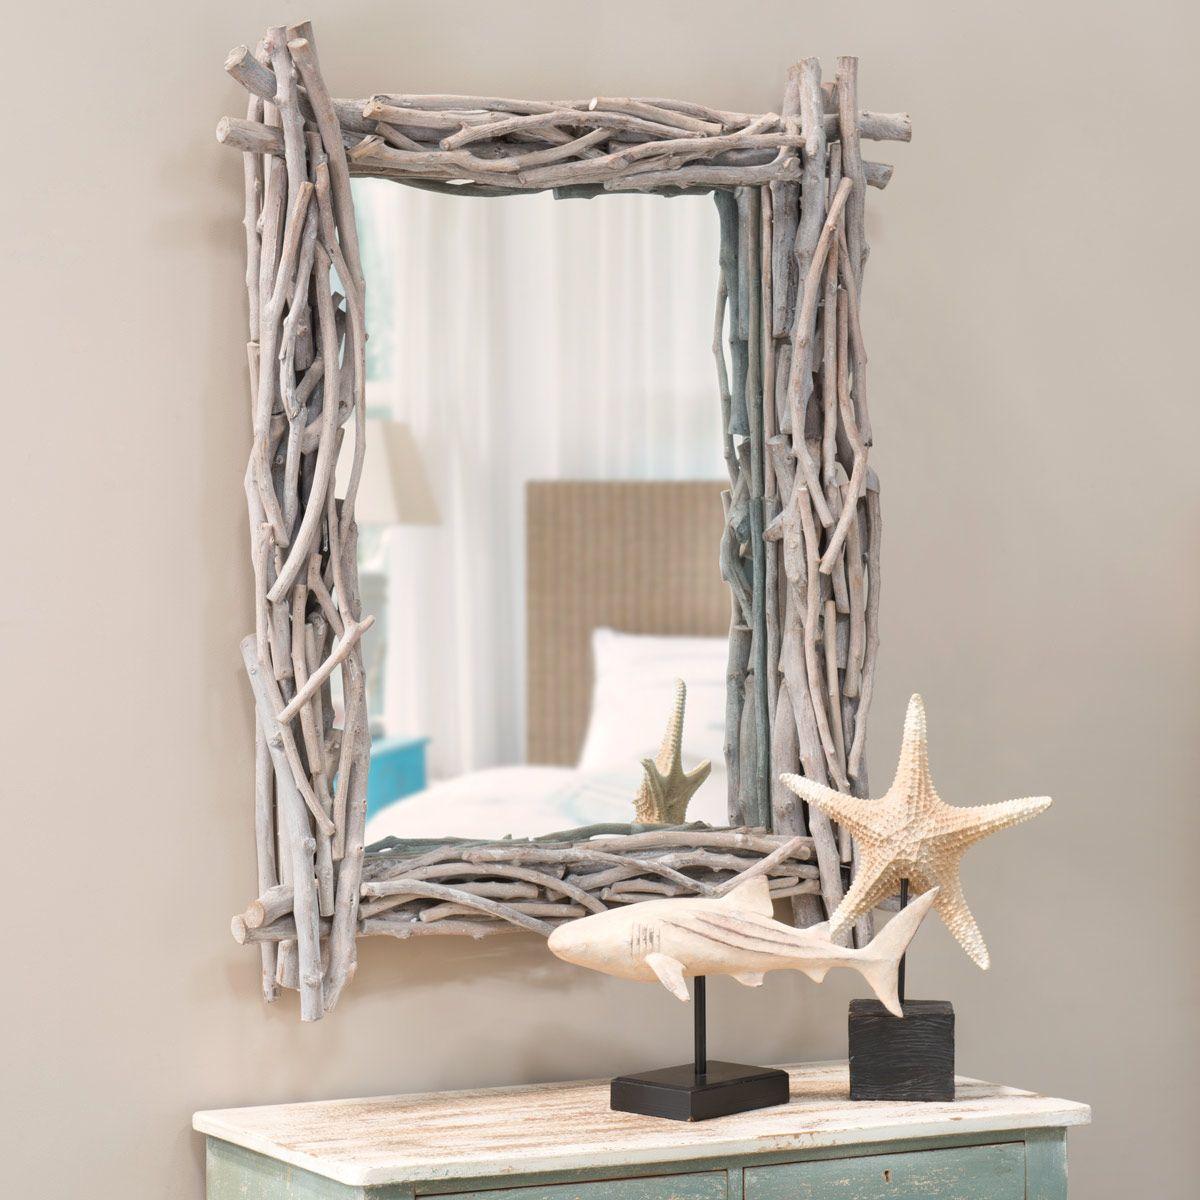 Miroir en bois flotté H 113 cm FJORD | Home Sweet Home | Pinterest ...